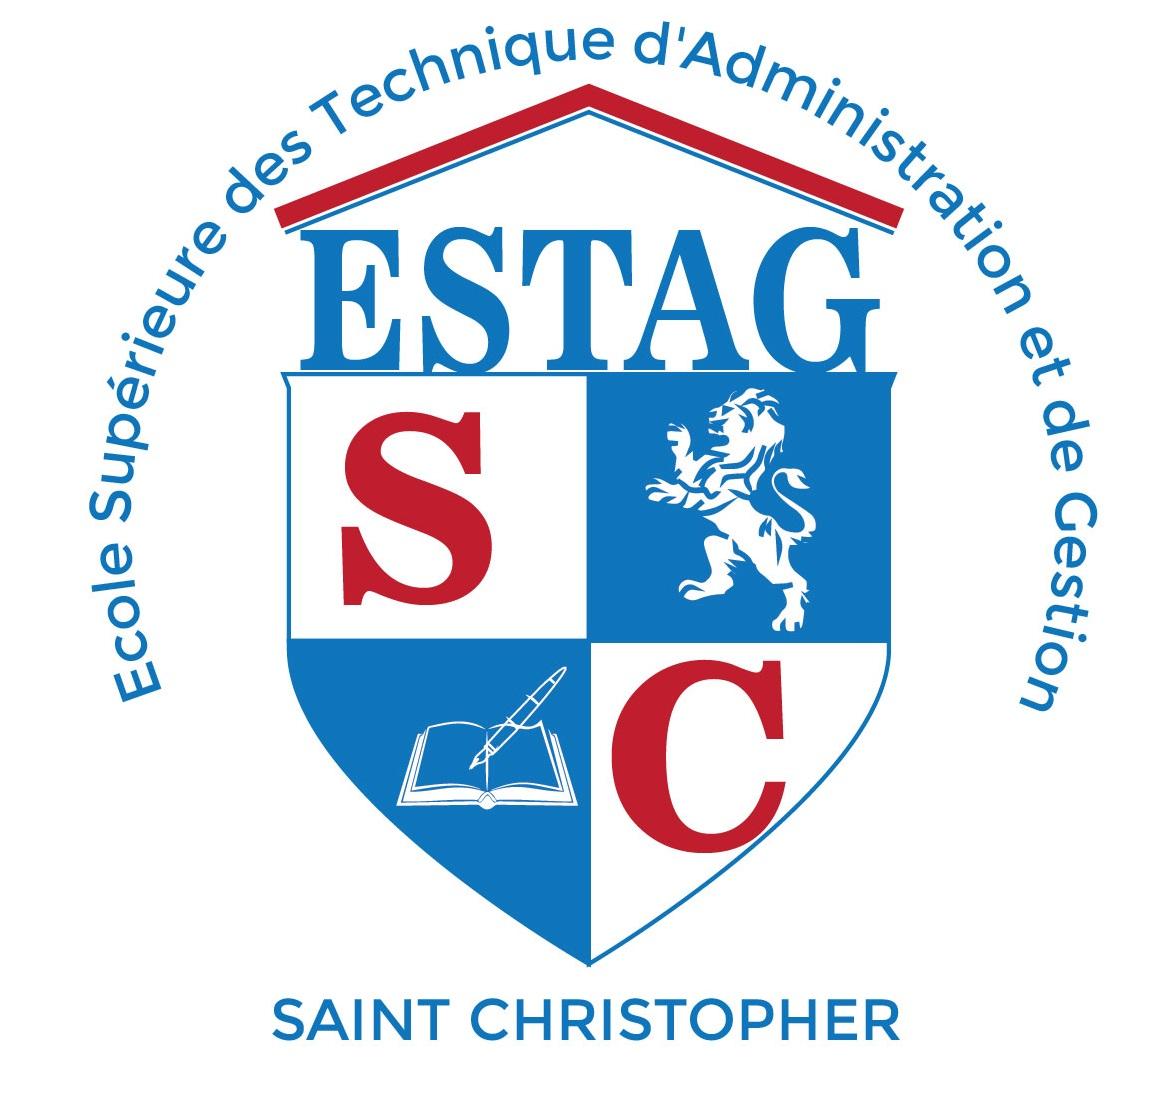 Ecole Supérieure des Technique d'Administration et de Gestion (ESTAG) Saint Christopher University